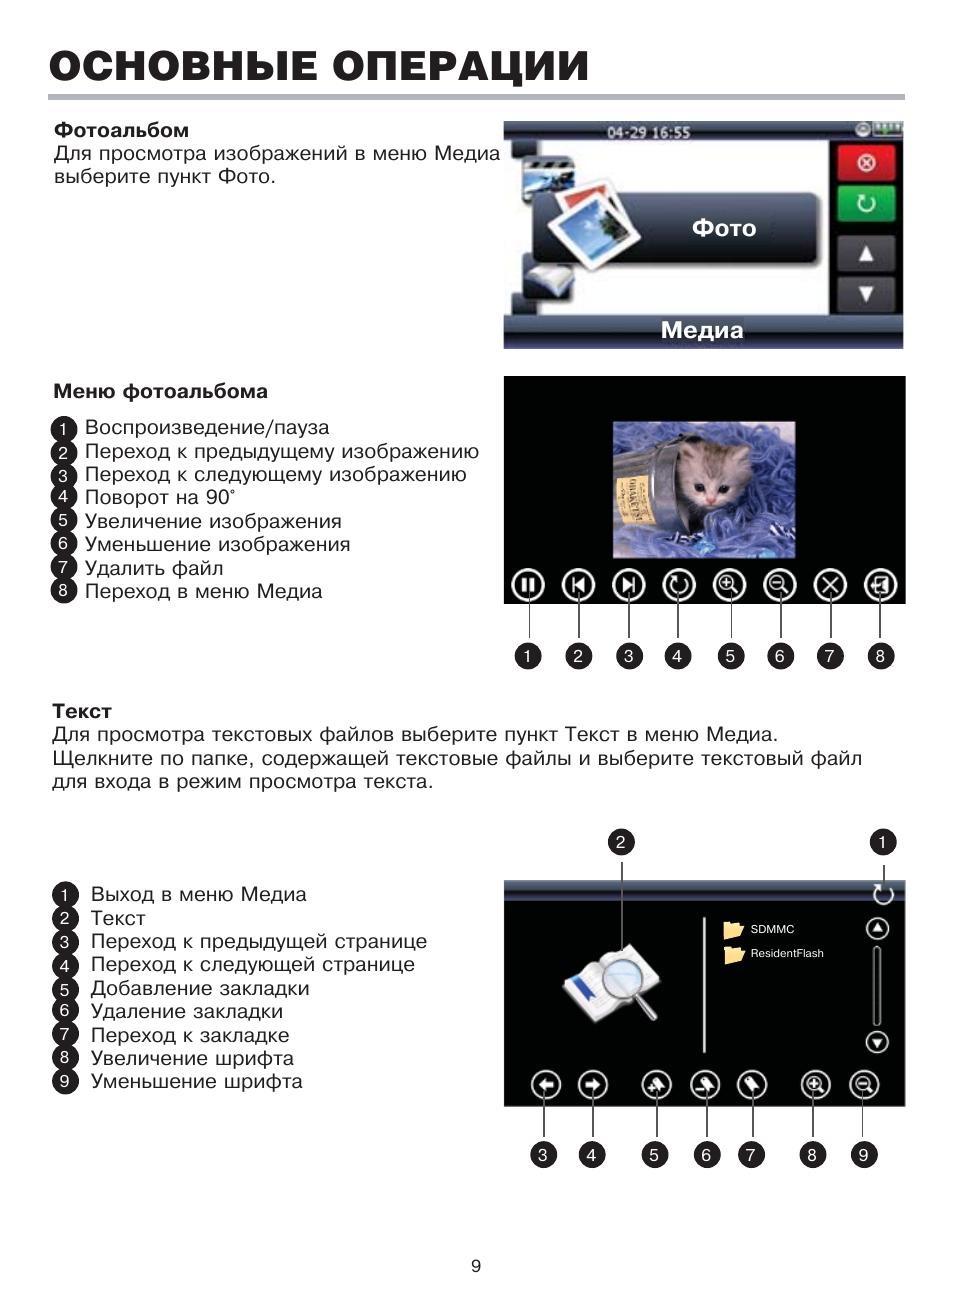 Основные операции, Фото медиа Инструкция по эксплуатации BBK N4326 Страница 11 / 20